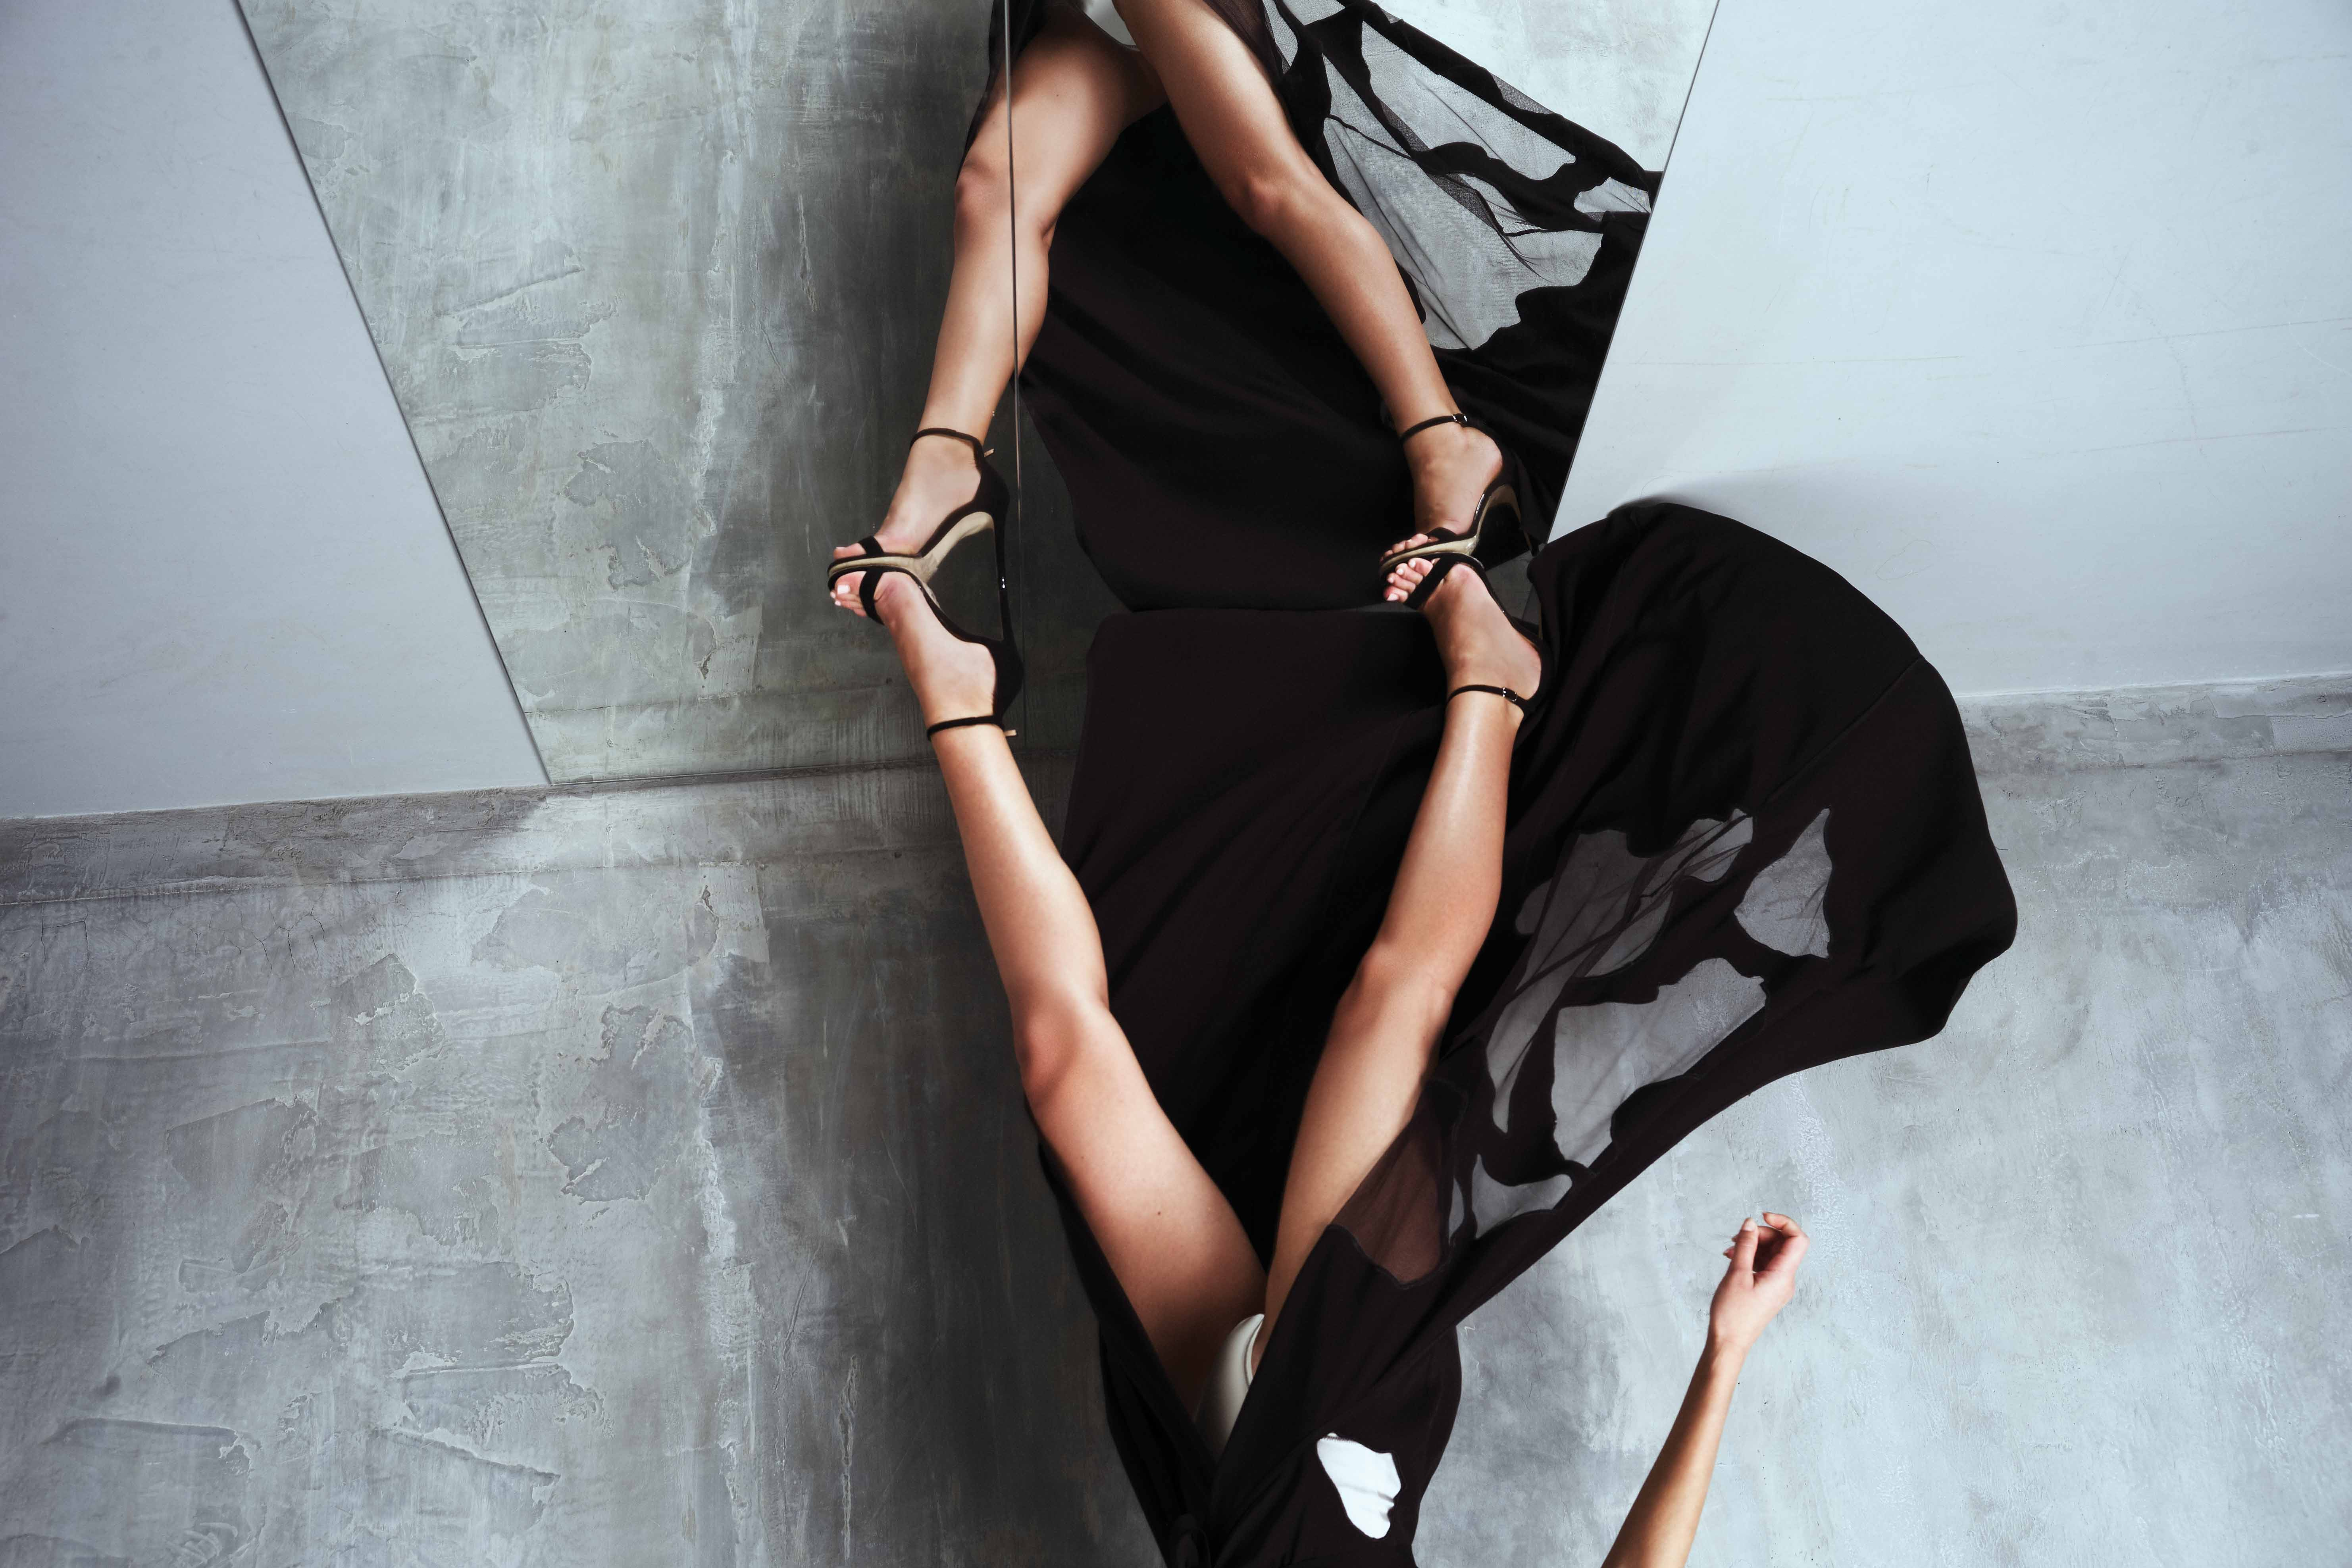 Коллекция одежды, вдохновленной будуарным силем и нижнем бельем, румынского бренда Murmur. Сезон – SS18